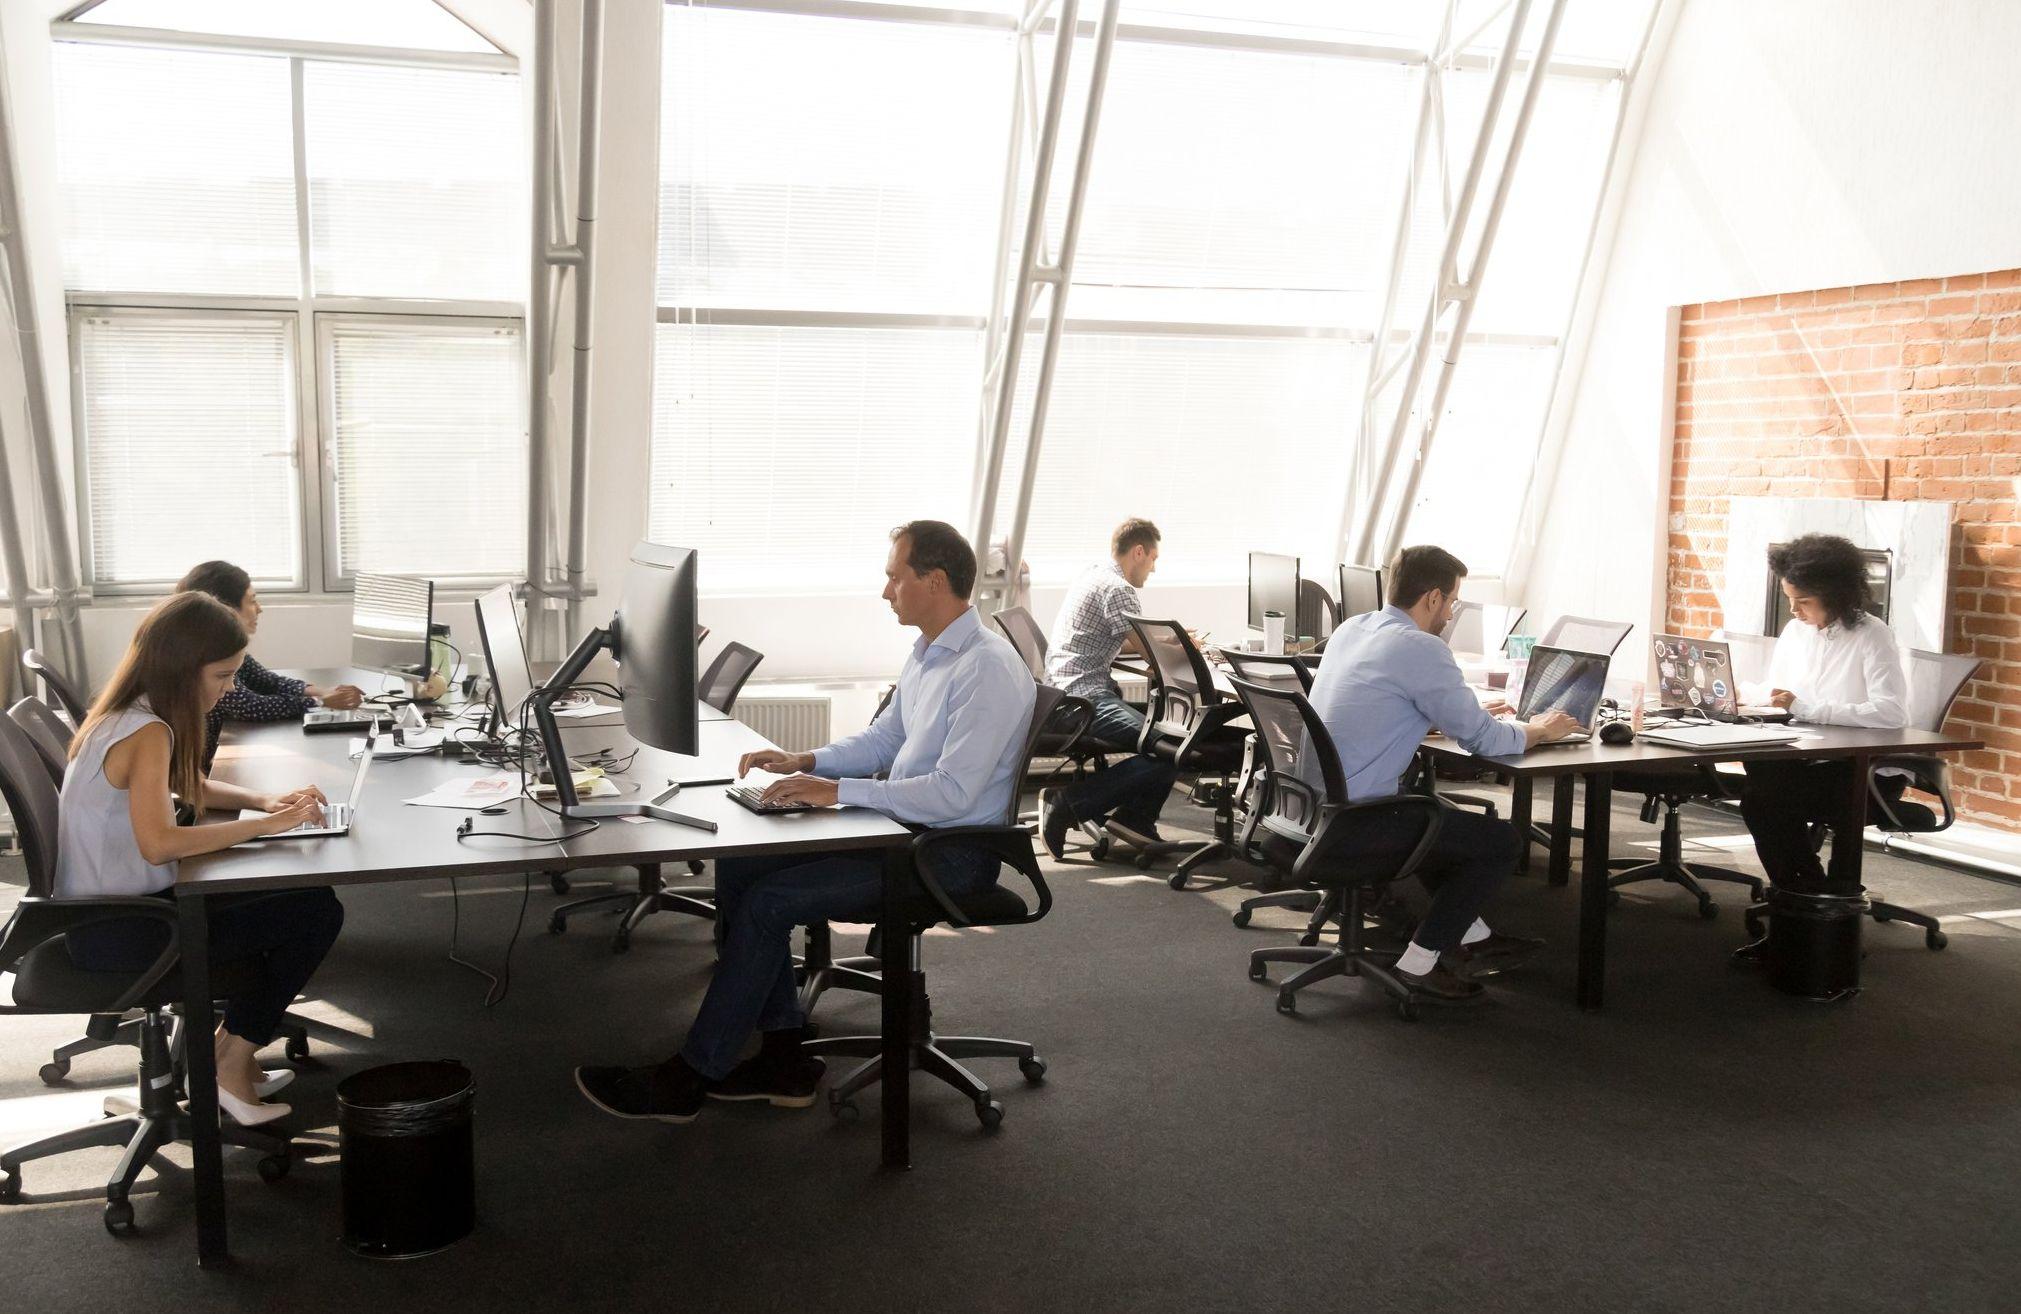 Офис столове – как да задоволим потребностите на всички в офиса